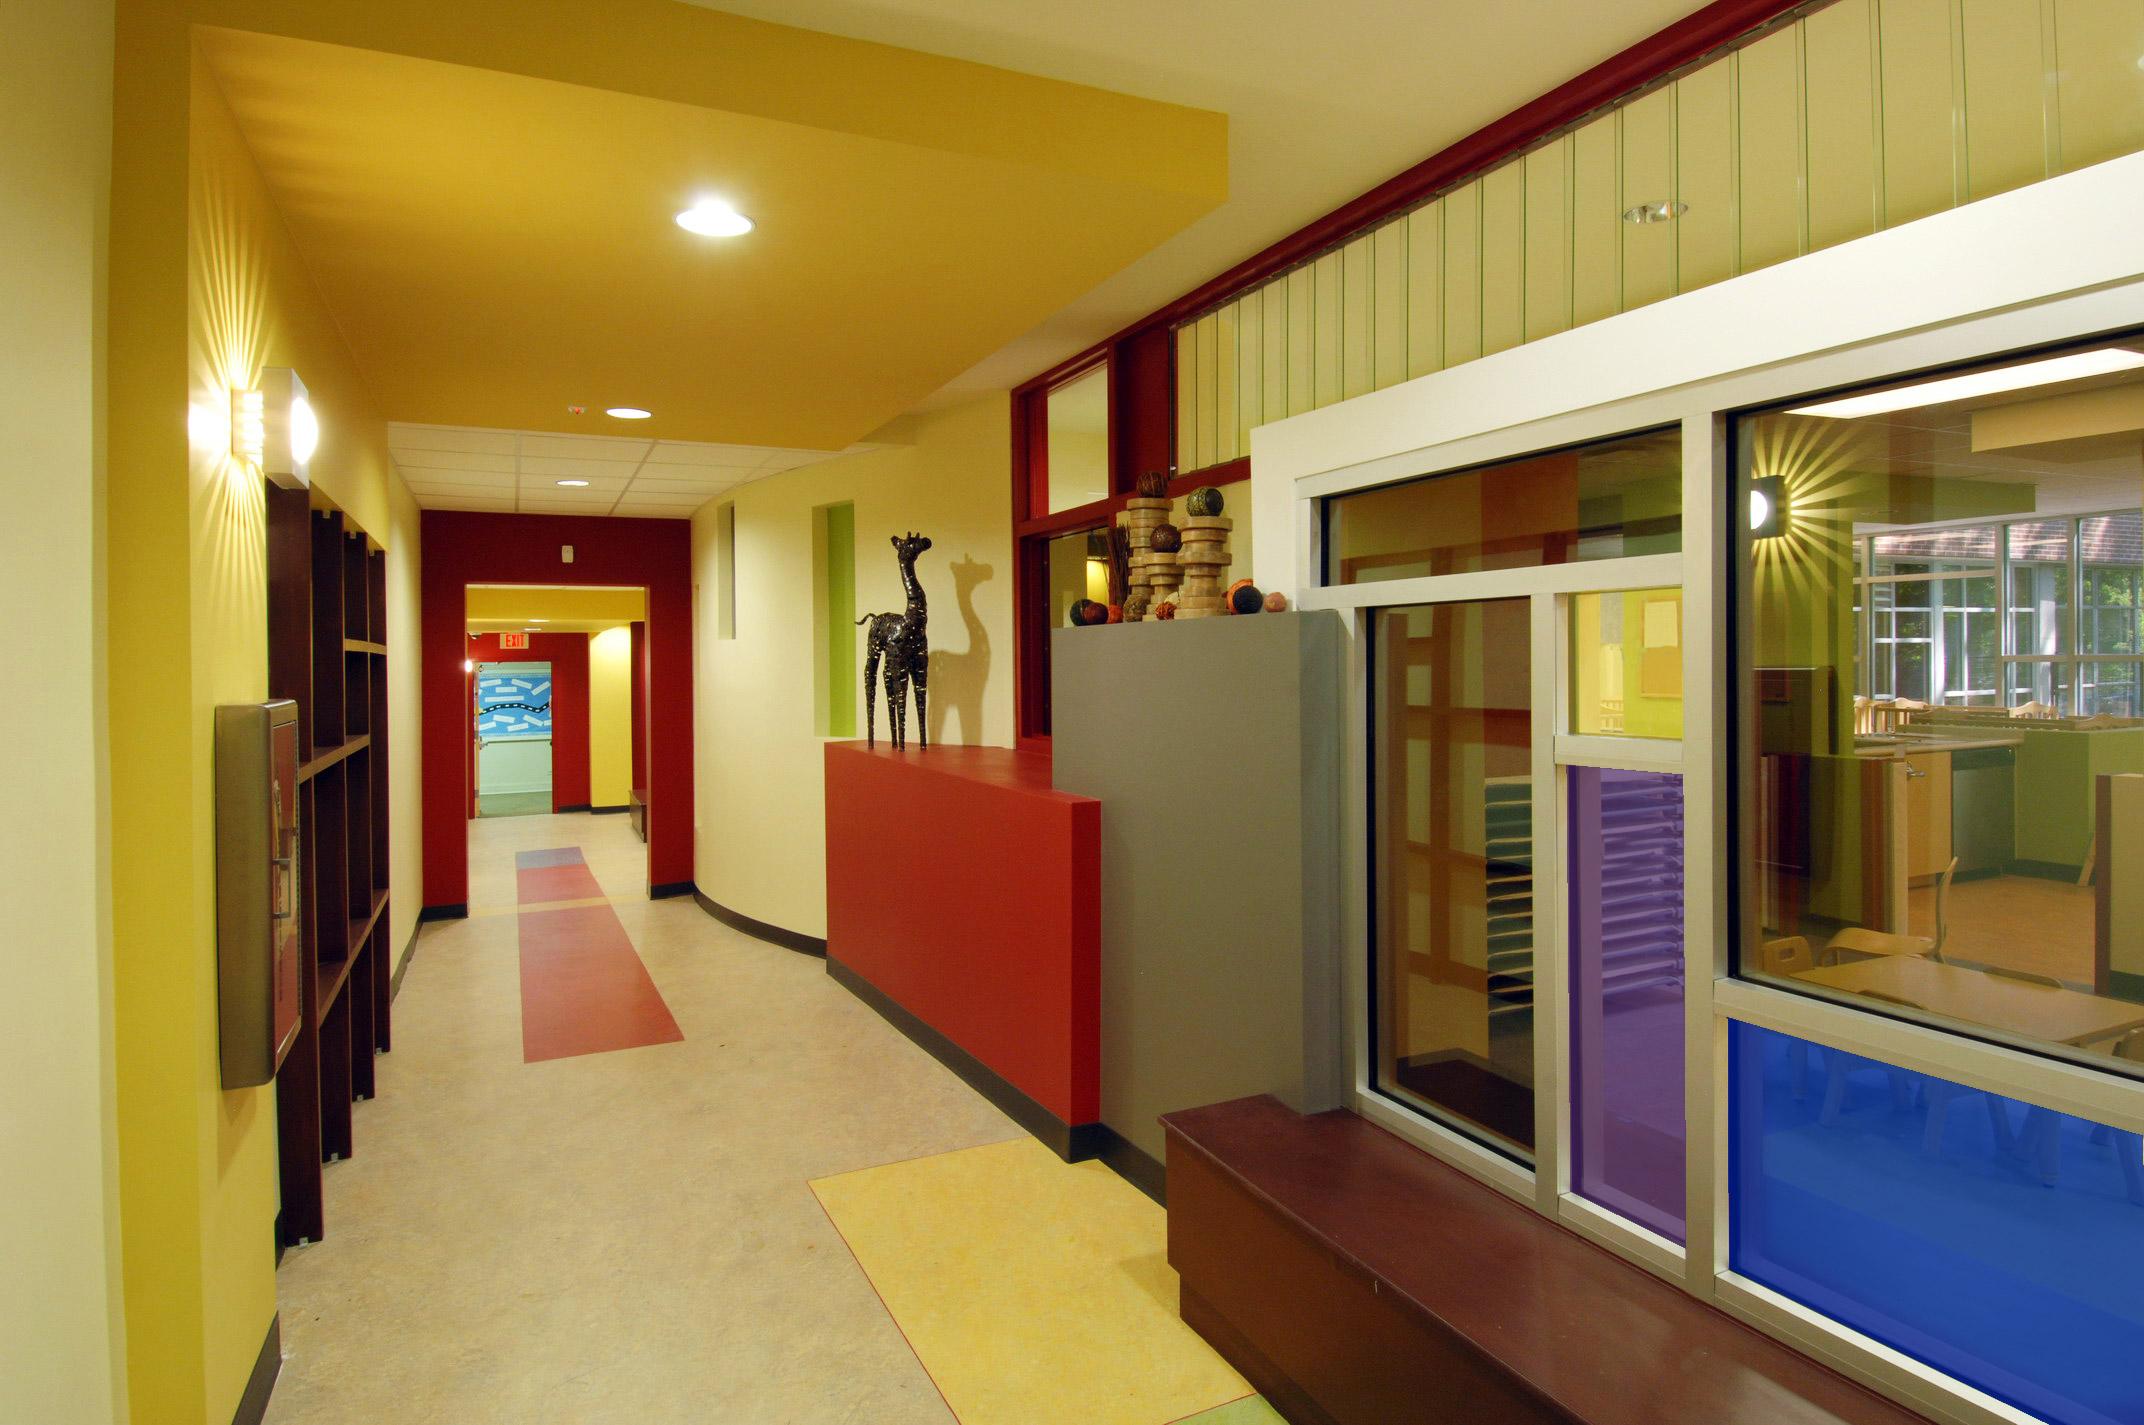 SuzukiSchool_Hallway.jpg